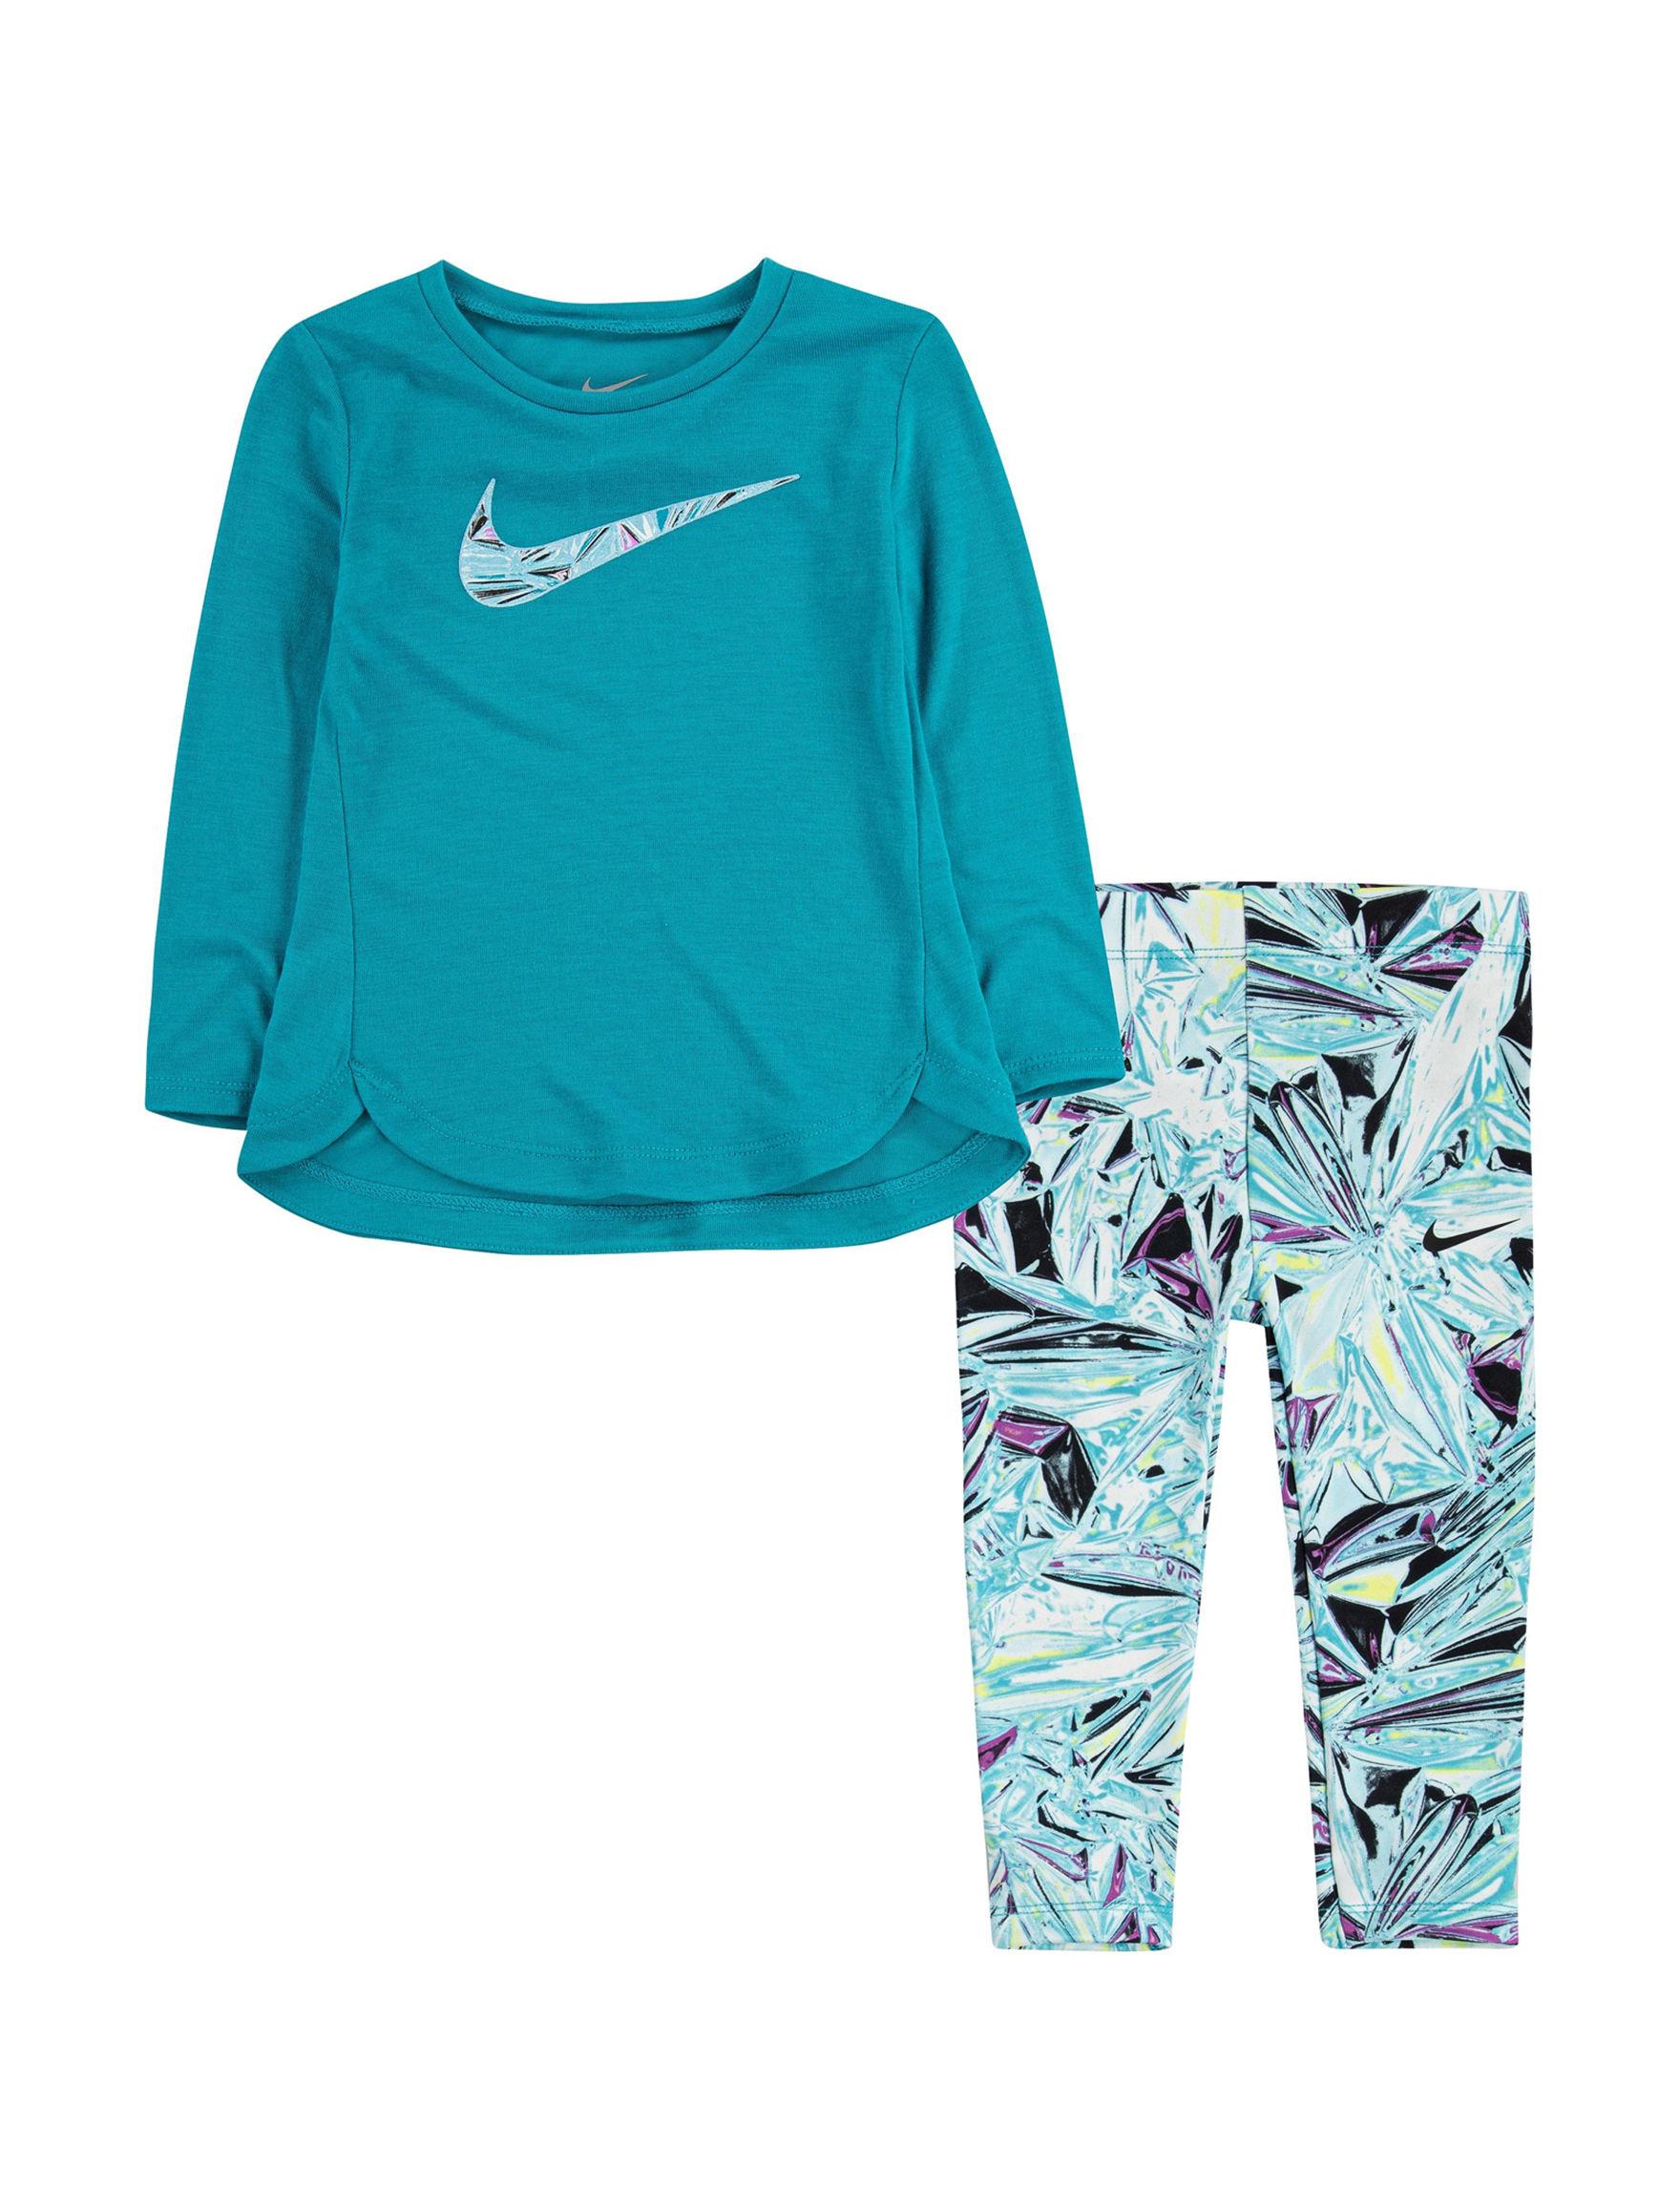 Nike Teal / Multi